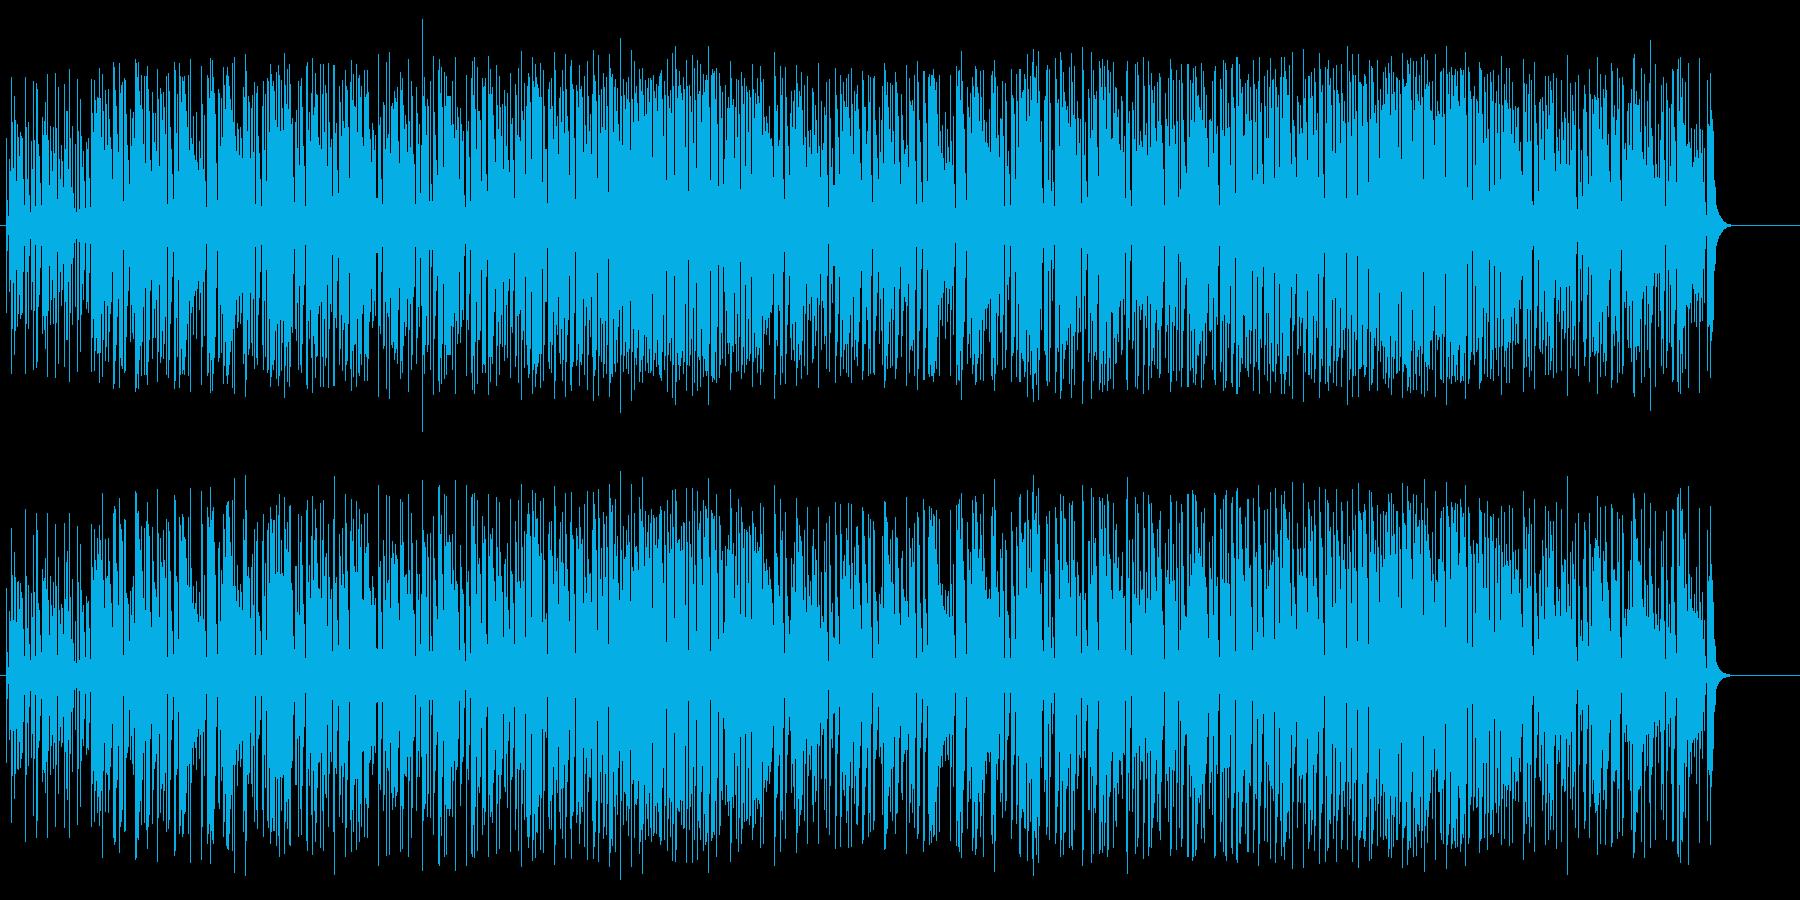 束の間の休日を満喫する明るいラテン/BGの再生済みの波形